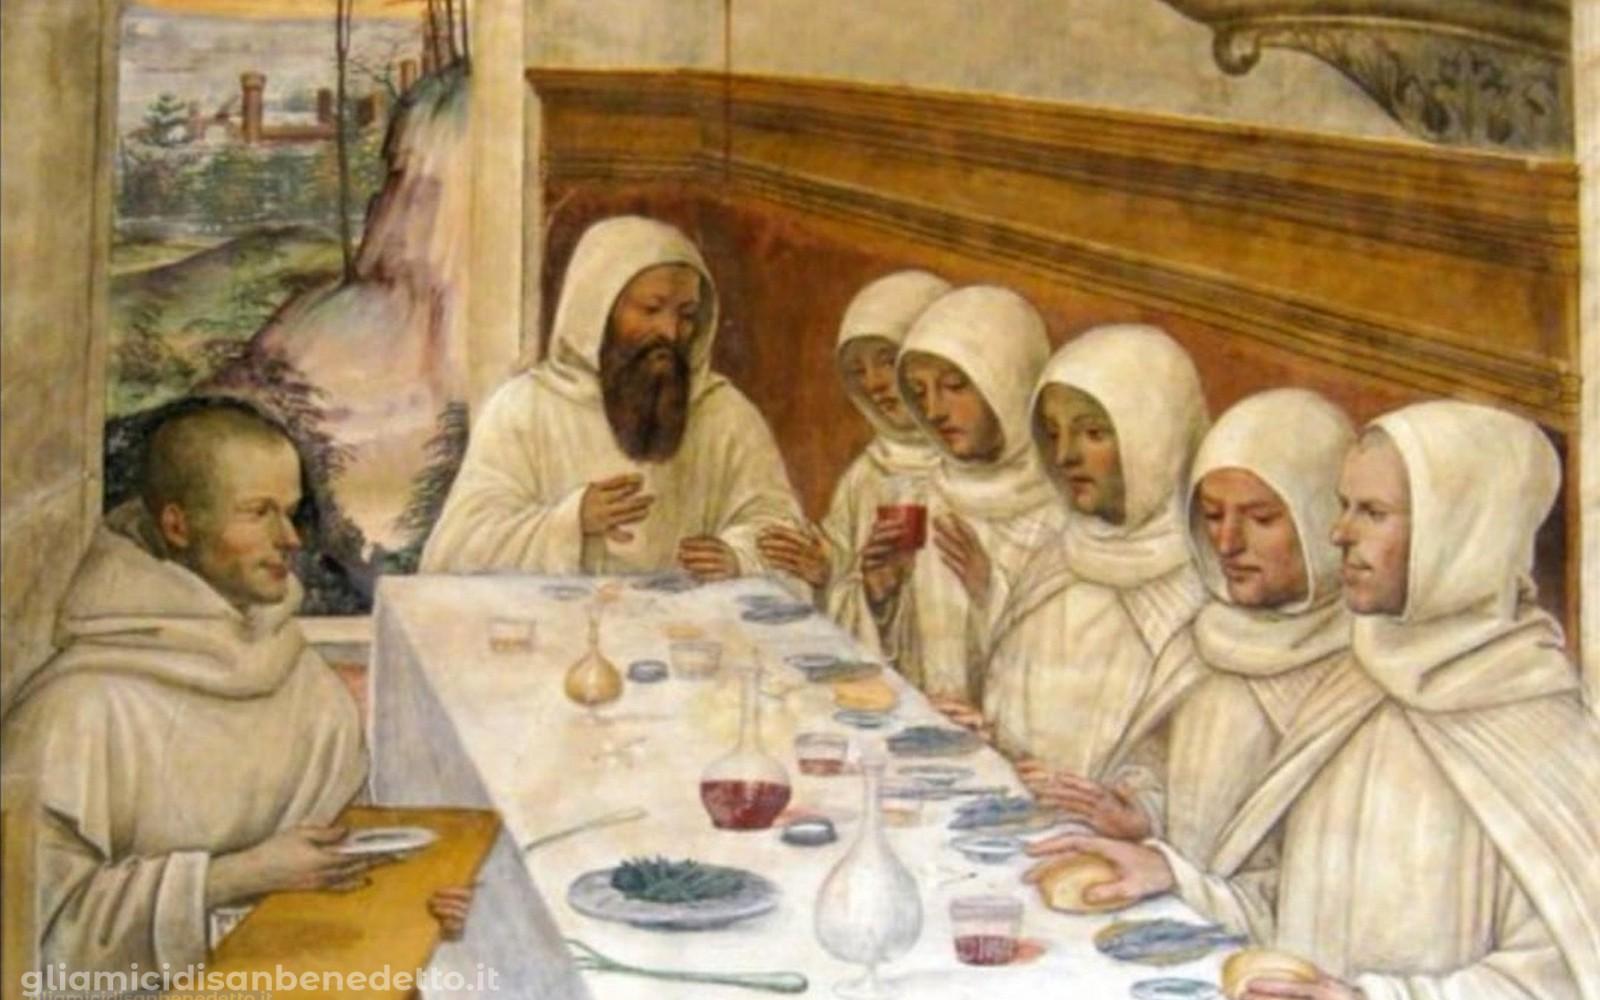 Alimentazione dei monaci nei secoli, da Subiaco a Montecassino